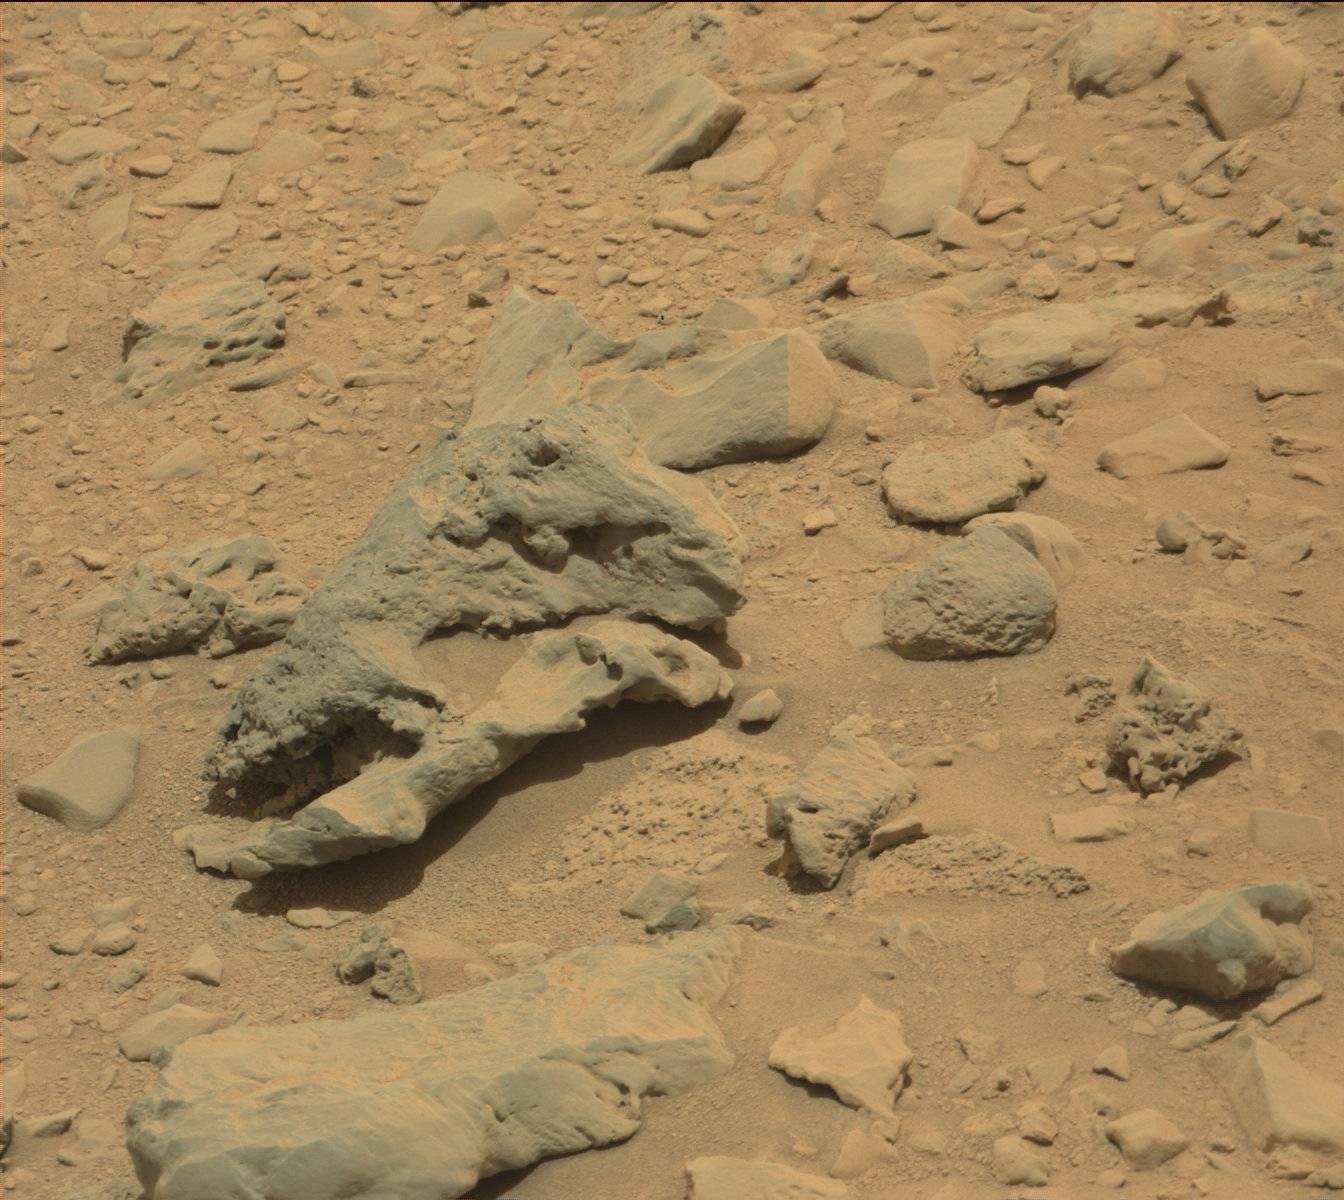 nasa images of mars - photo #34